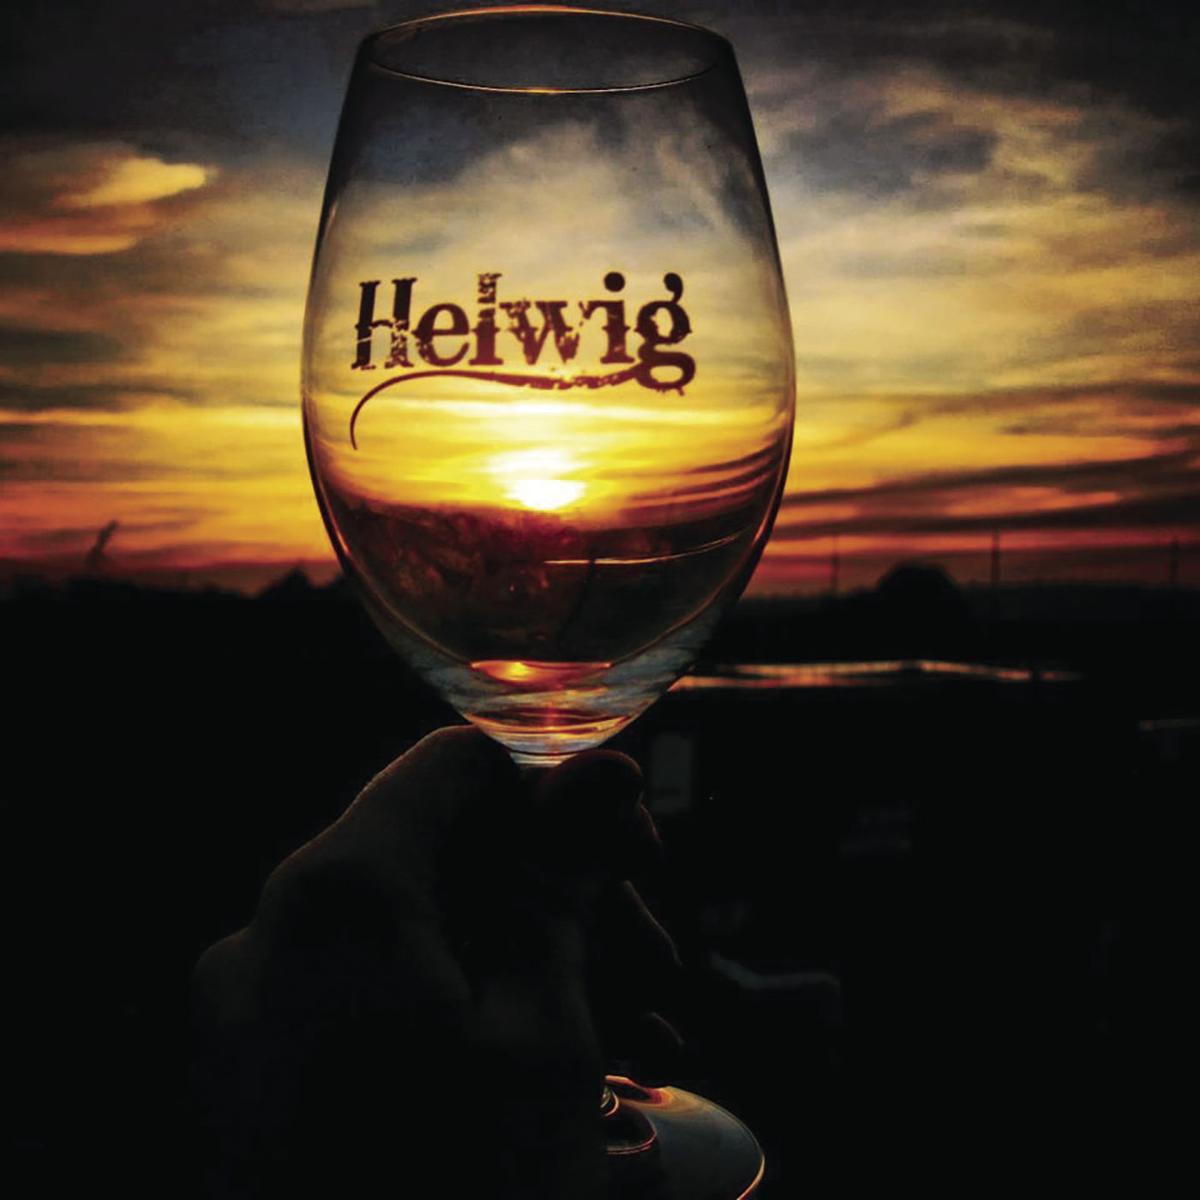 Helwig